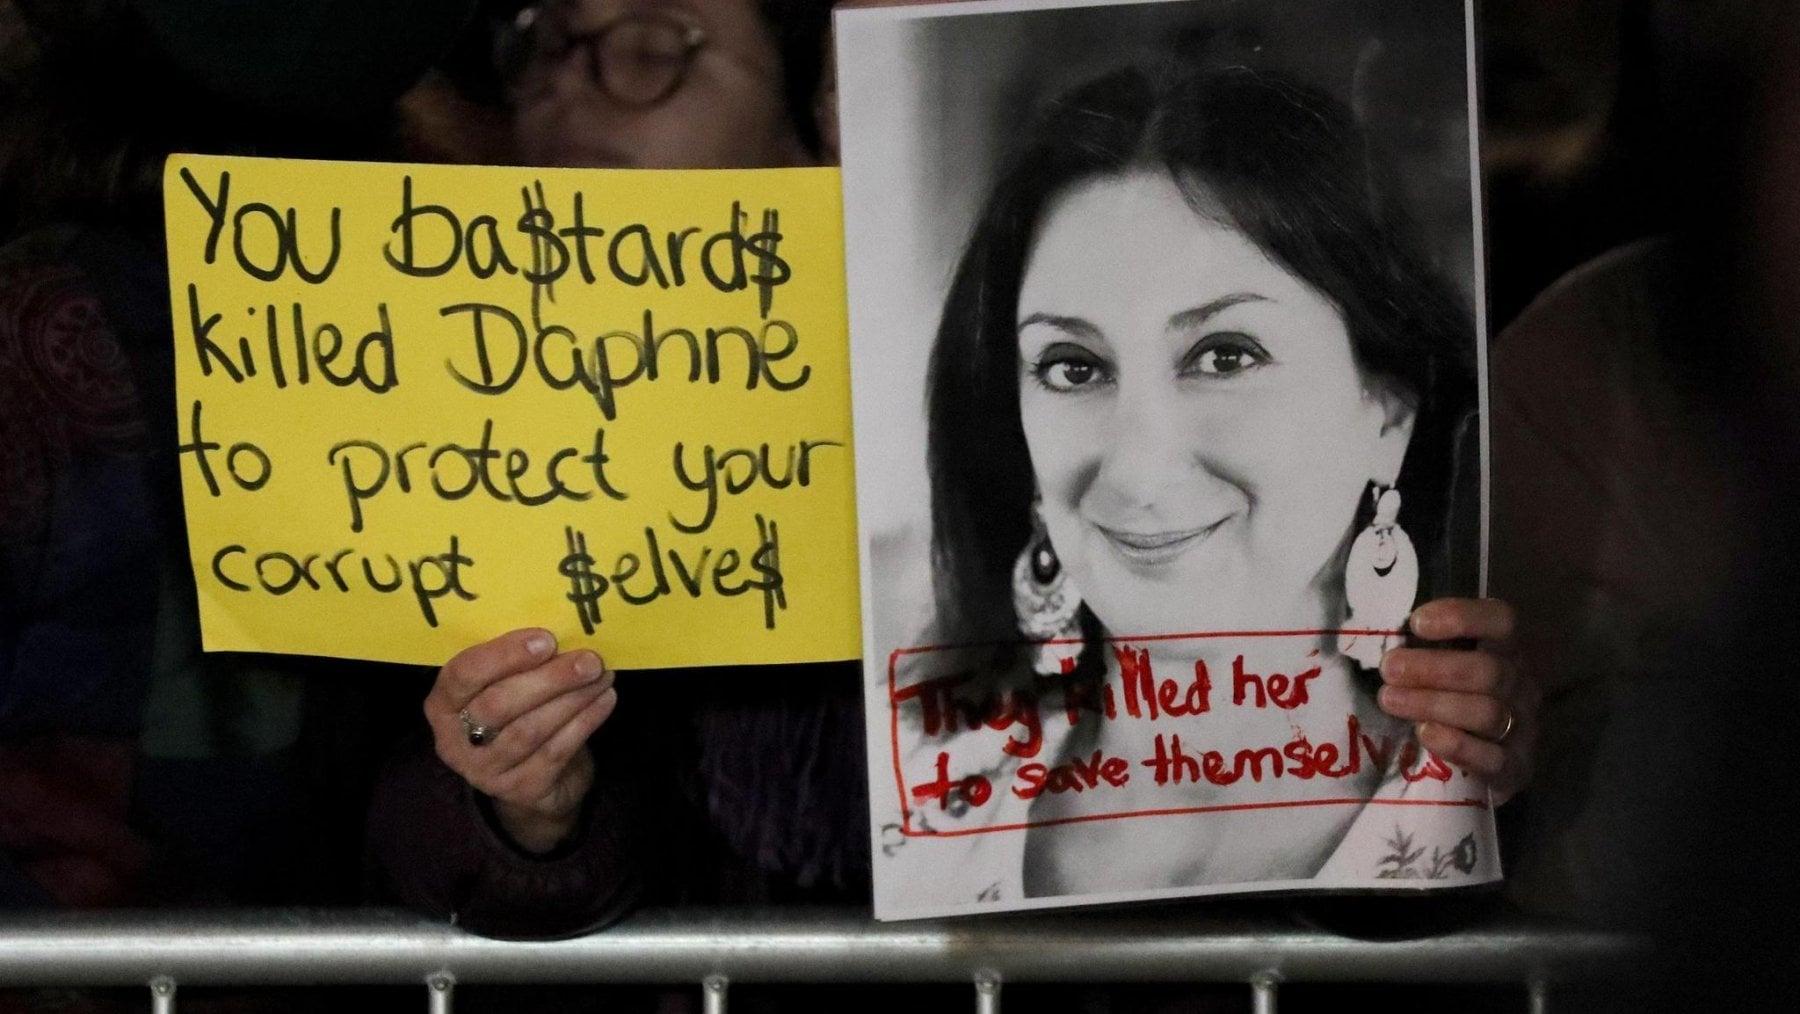 231500733 d523da4e 4666 40cc a99c 221b3494c66f - Malta, tre anni fa l'uccisione di Daphne Caruana Galizia: un omicidio politico